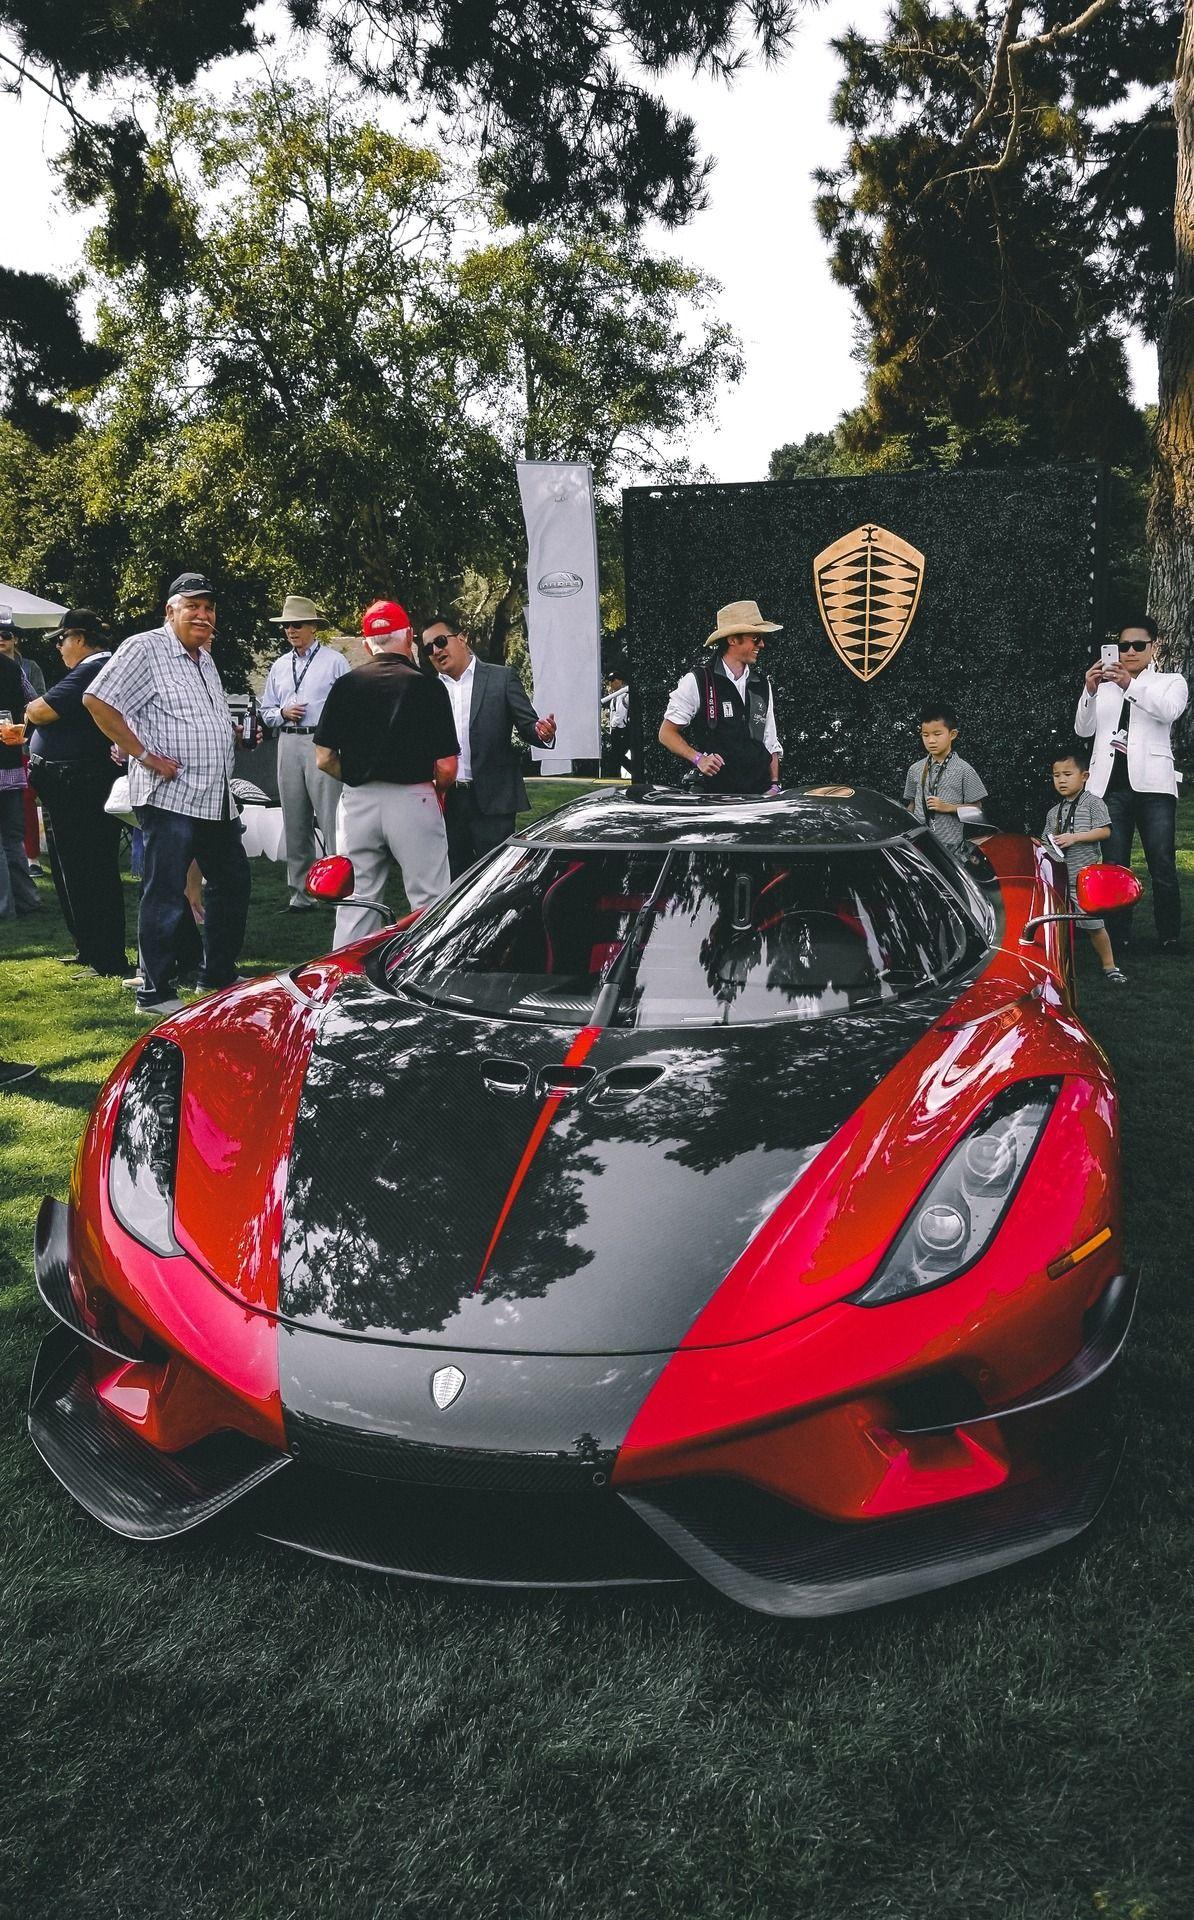 Dreamer Garage Srbm Regera Photo Super Cars Futuristic Cars Top Cars